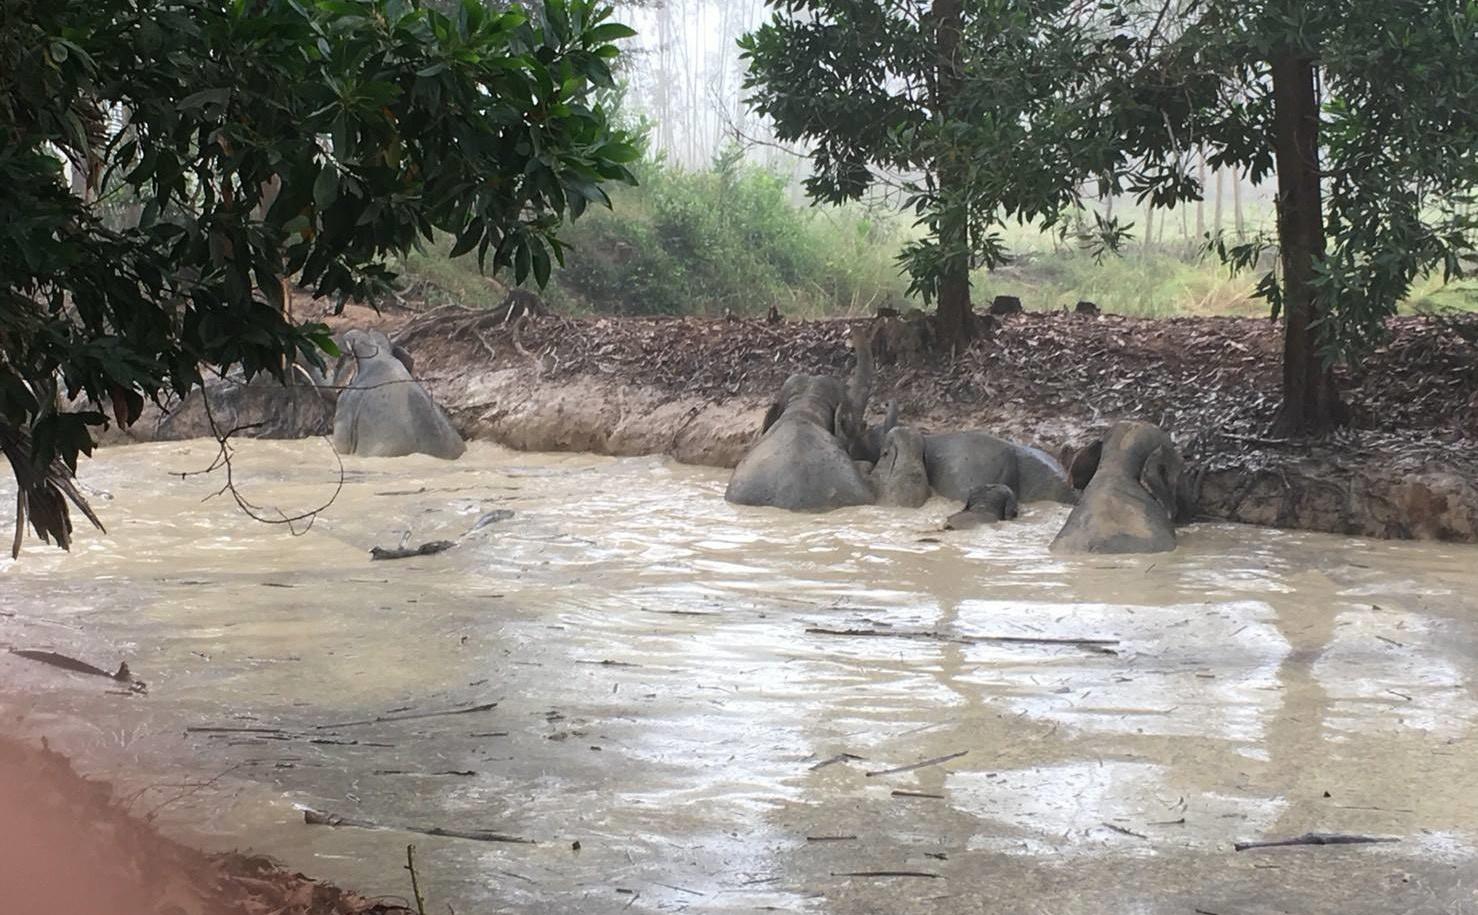 เอาใจช่วย! จนท. ระดมกำลังช่วยช้างป่า 7 ตัว ตกสระน้ำนาน 8 ชม.